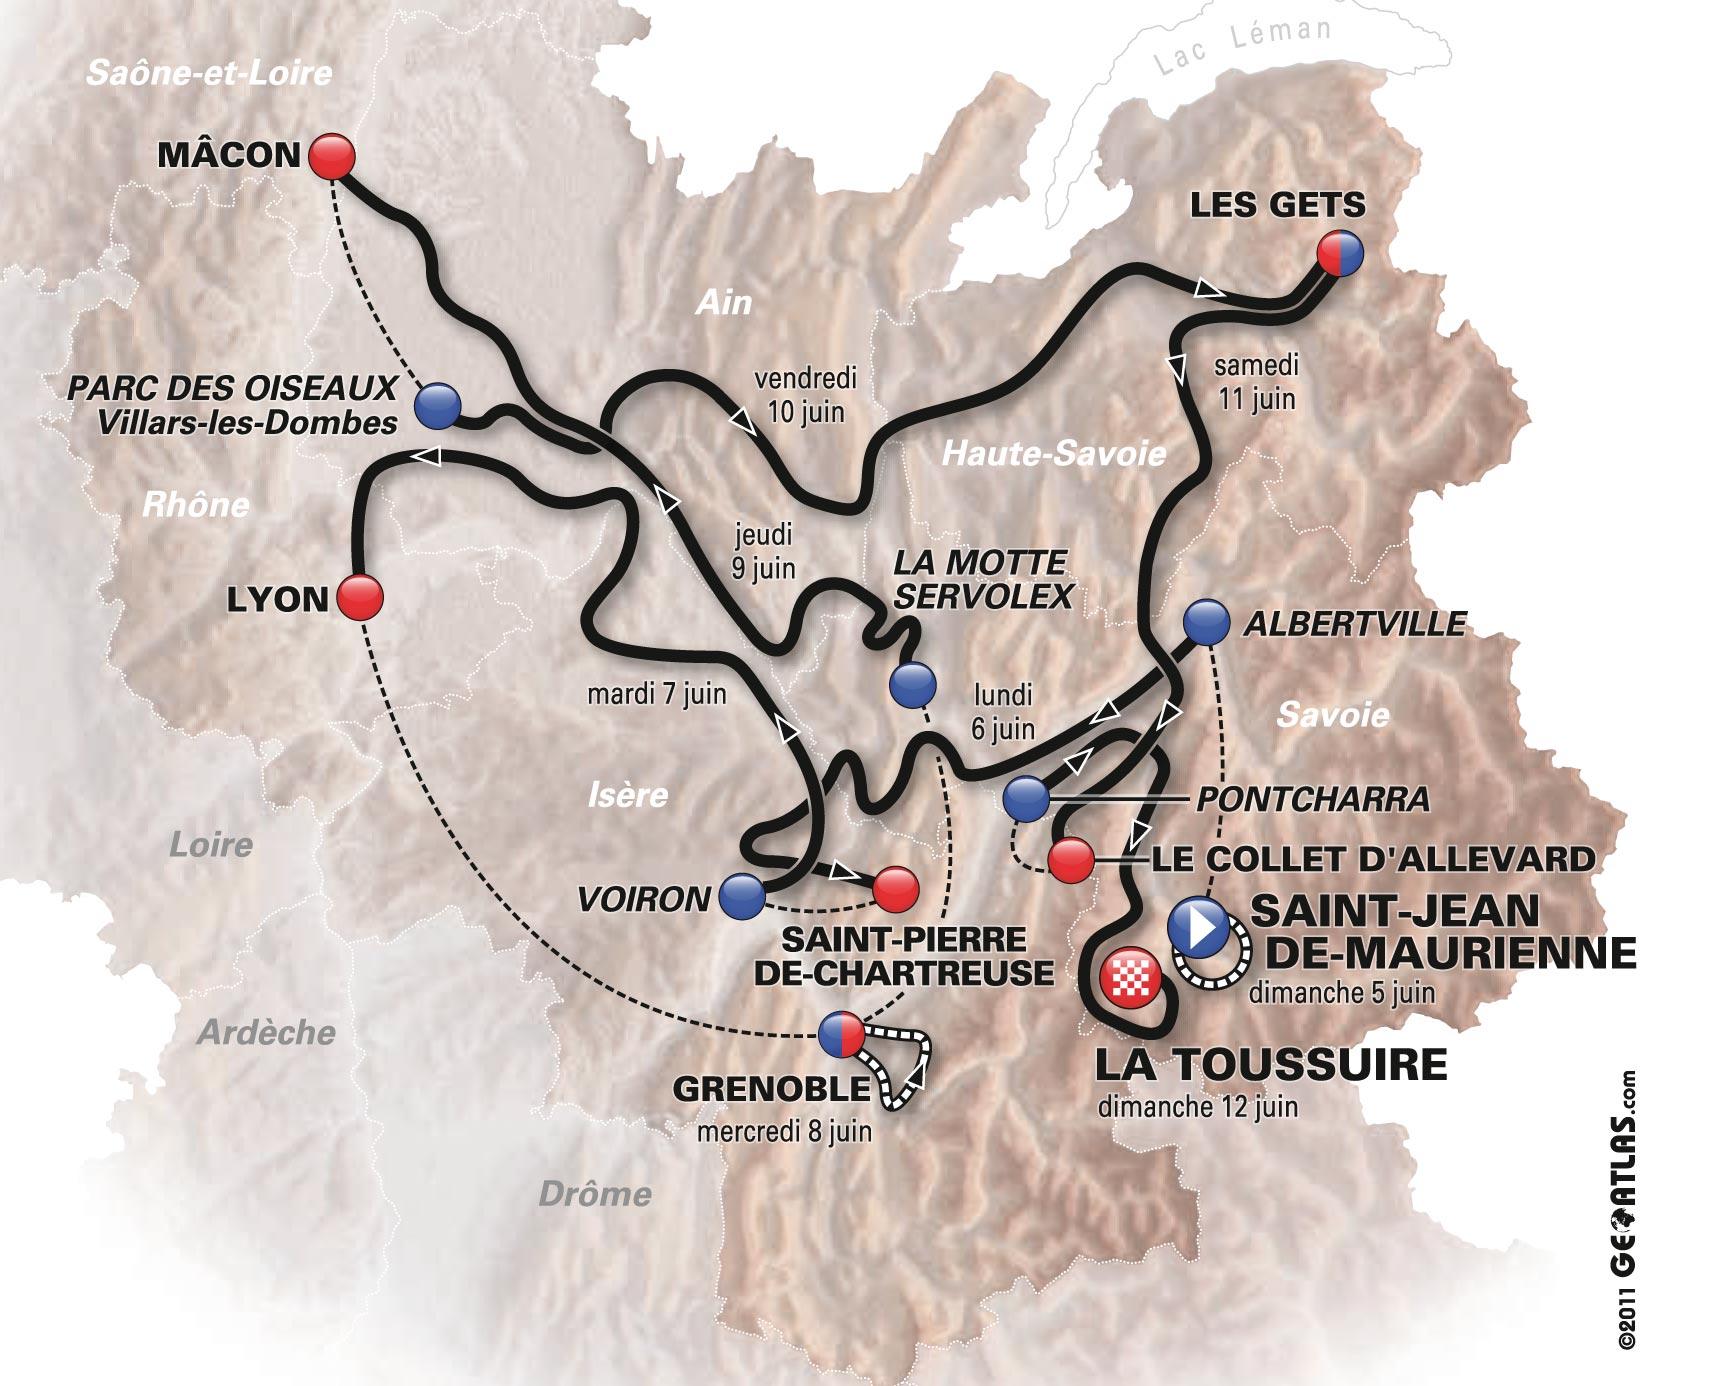 Critérium du Dauphiné 2011 map